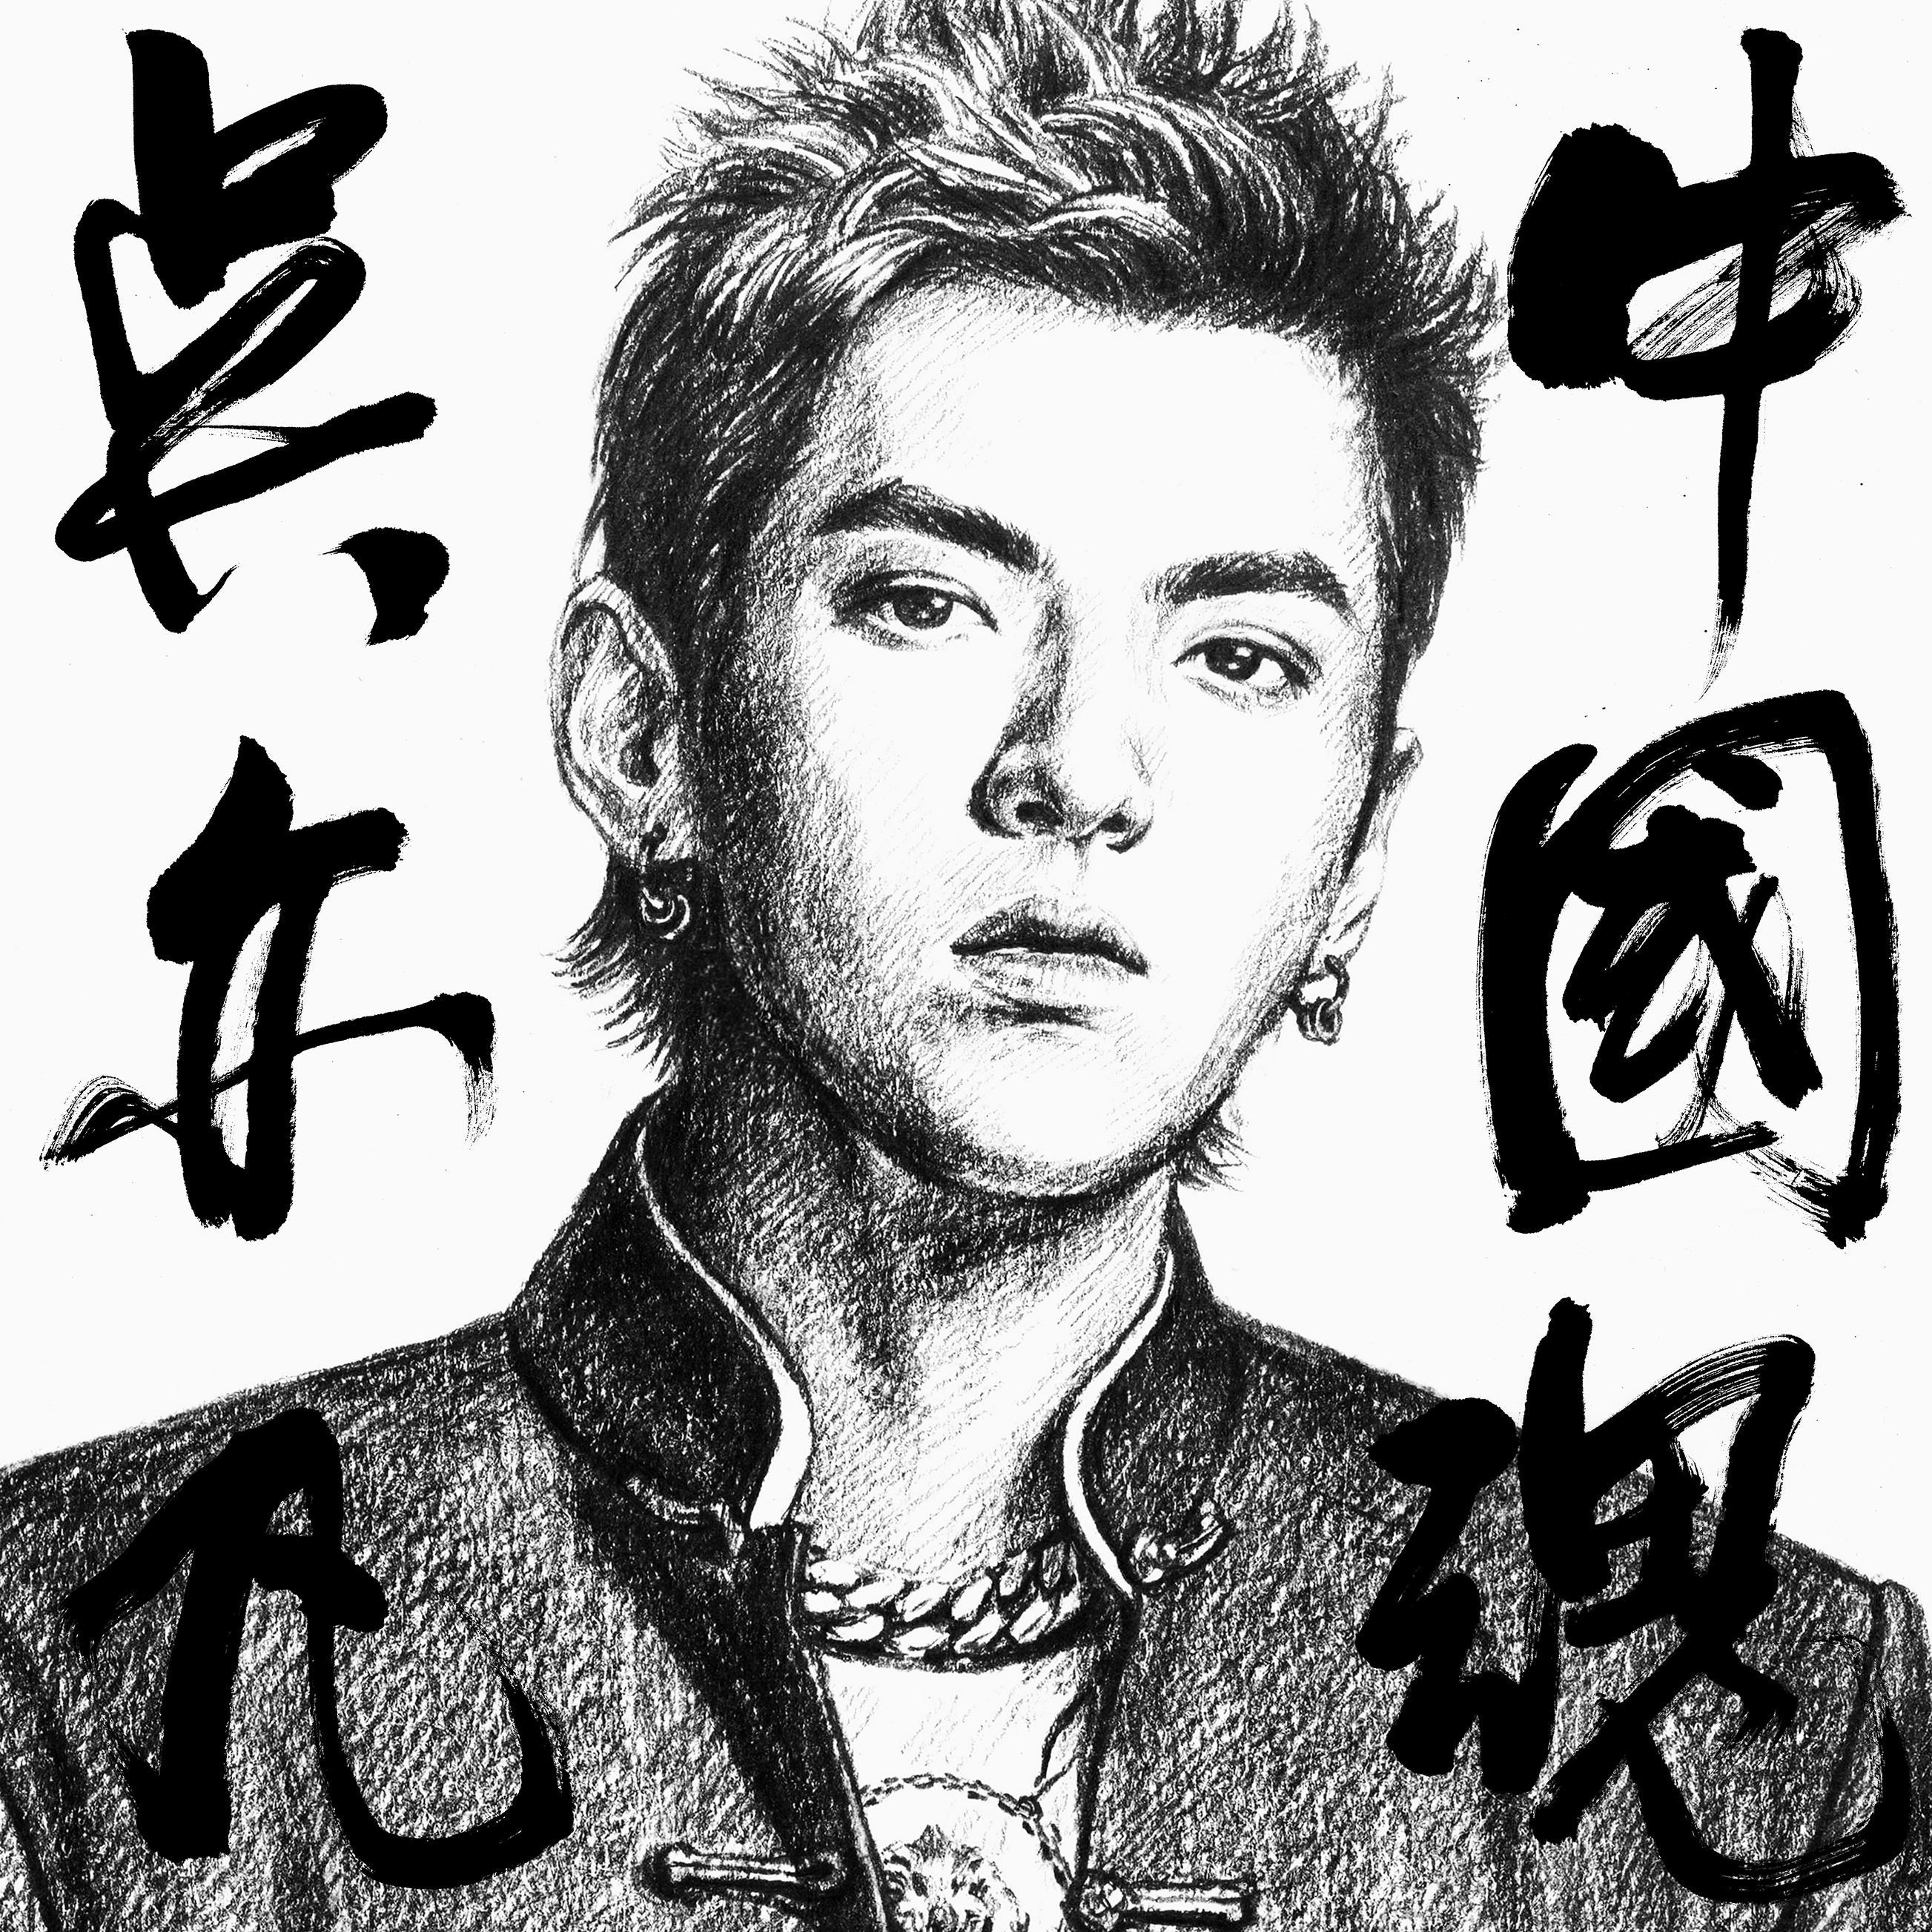 吴亦凡单曲《中国魂》正式上线 展现高度文化自信